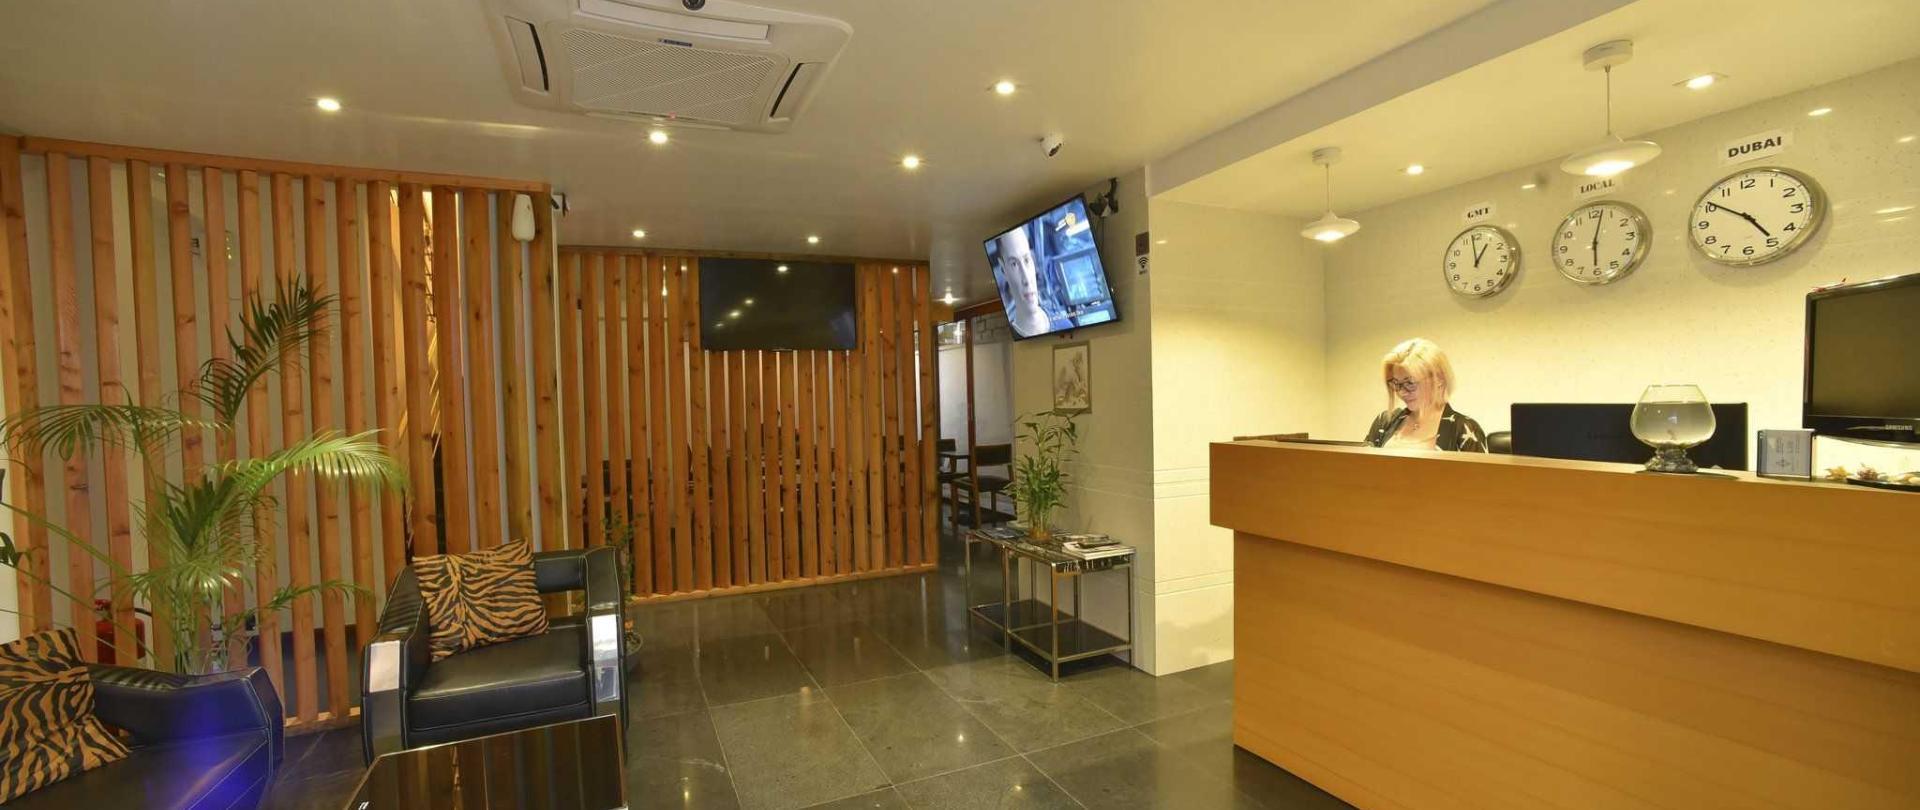 5-lobby.JPG